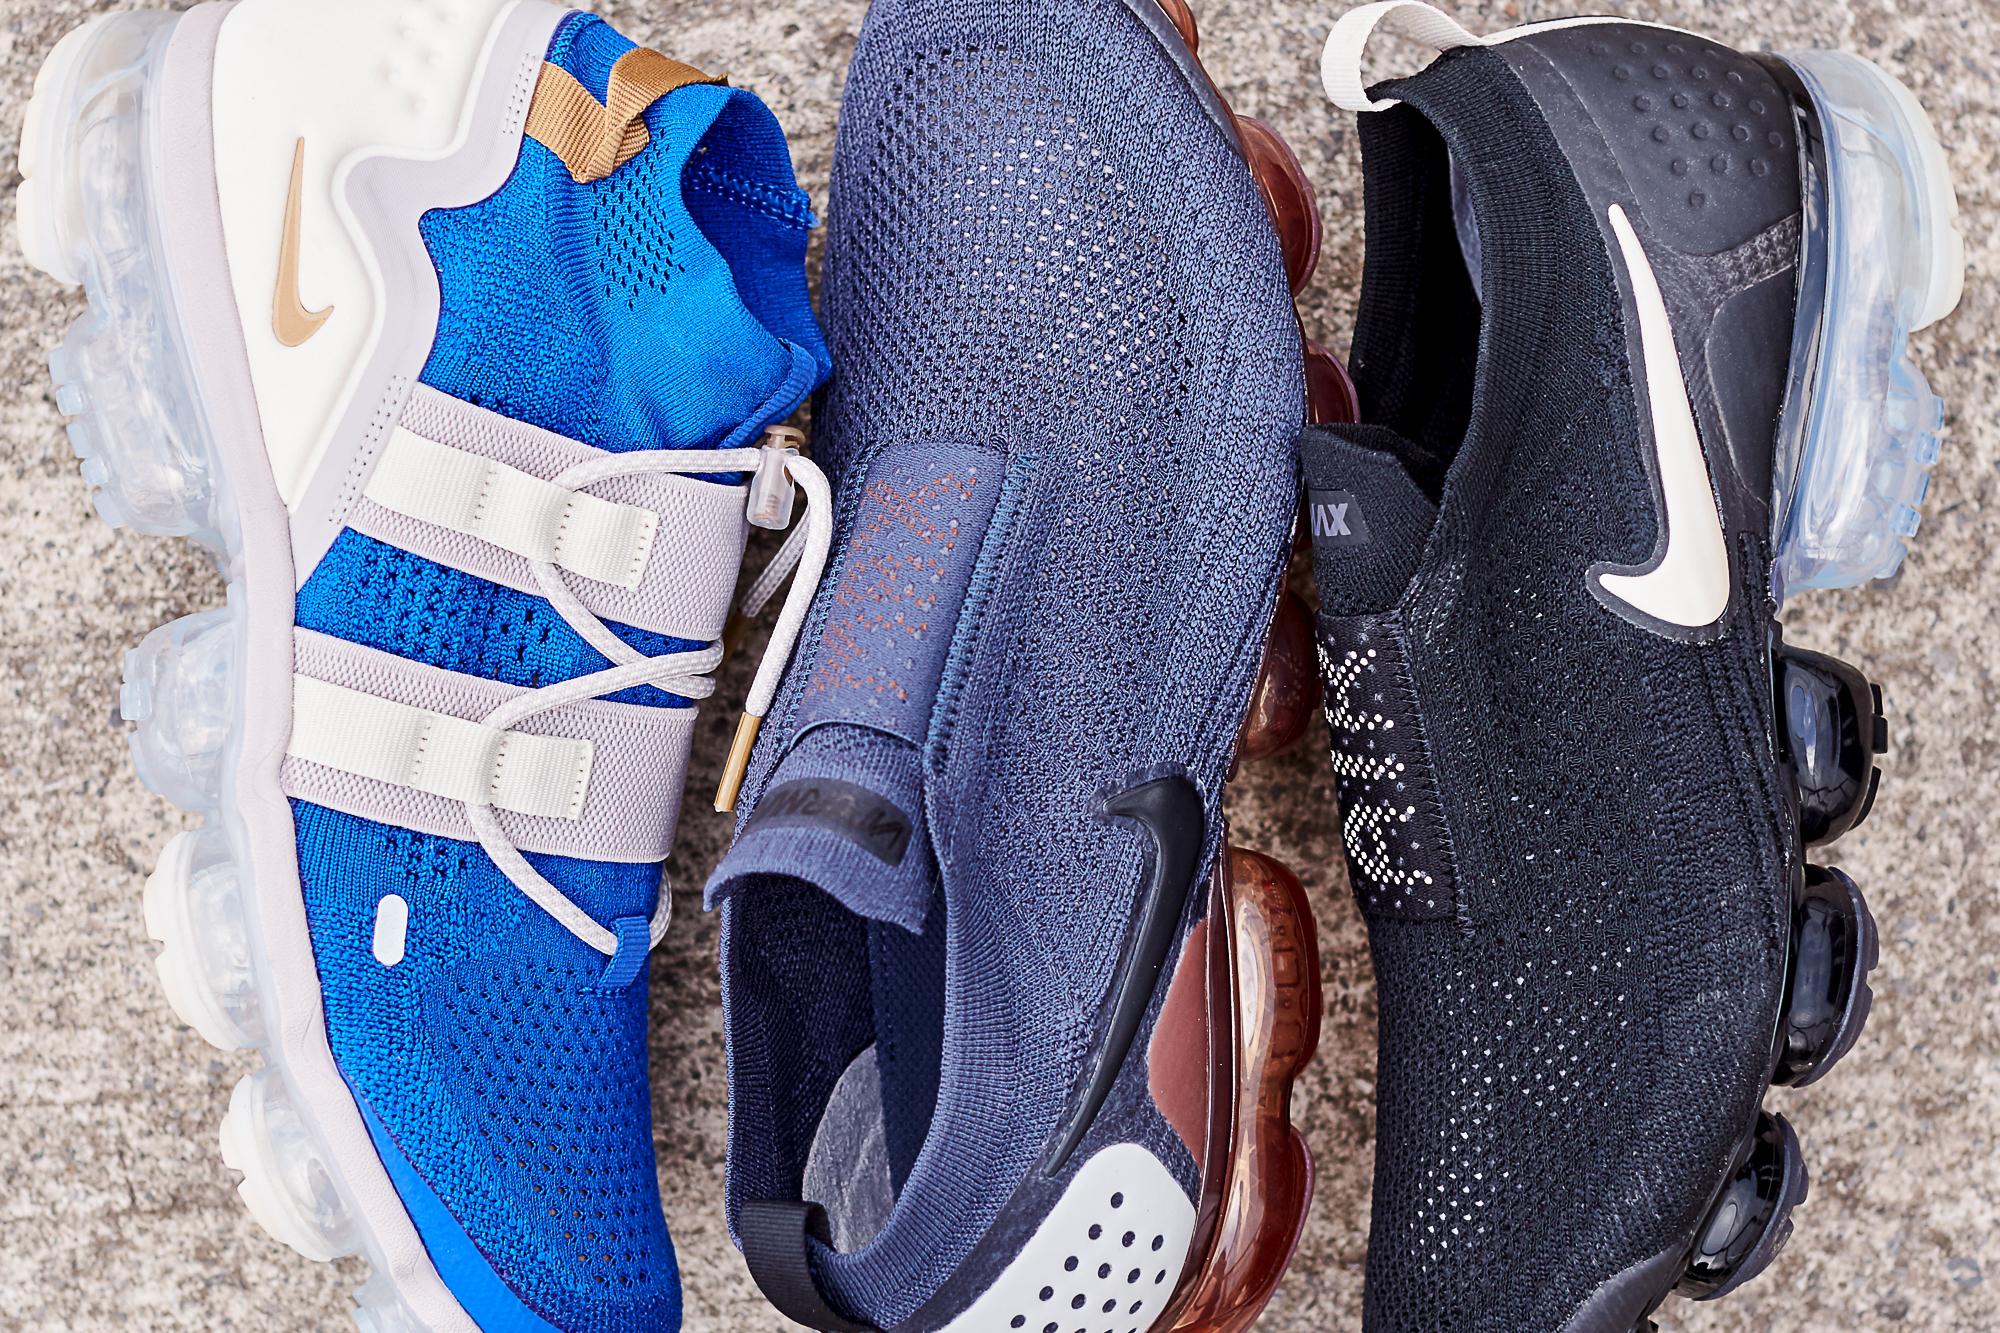 Nike Air Vapormax Utility & Vapormax Moc